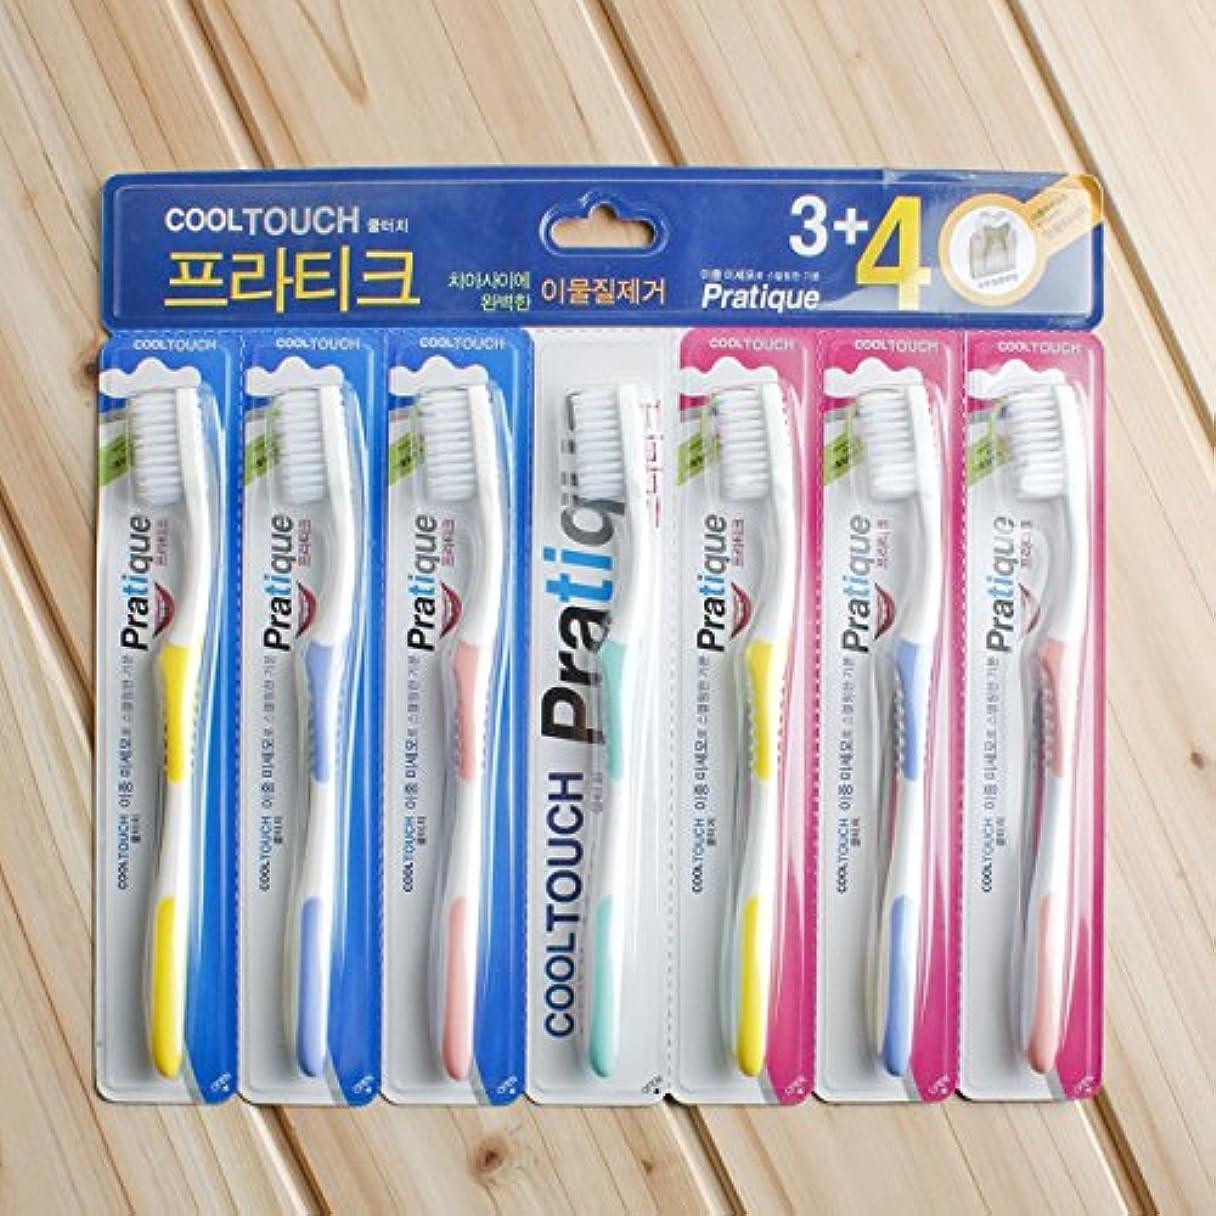 テラスまつげタッチVBMDoM 7個のクールタッチデュアルファイン歯ブラシ x 3 [並行輸入品]